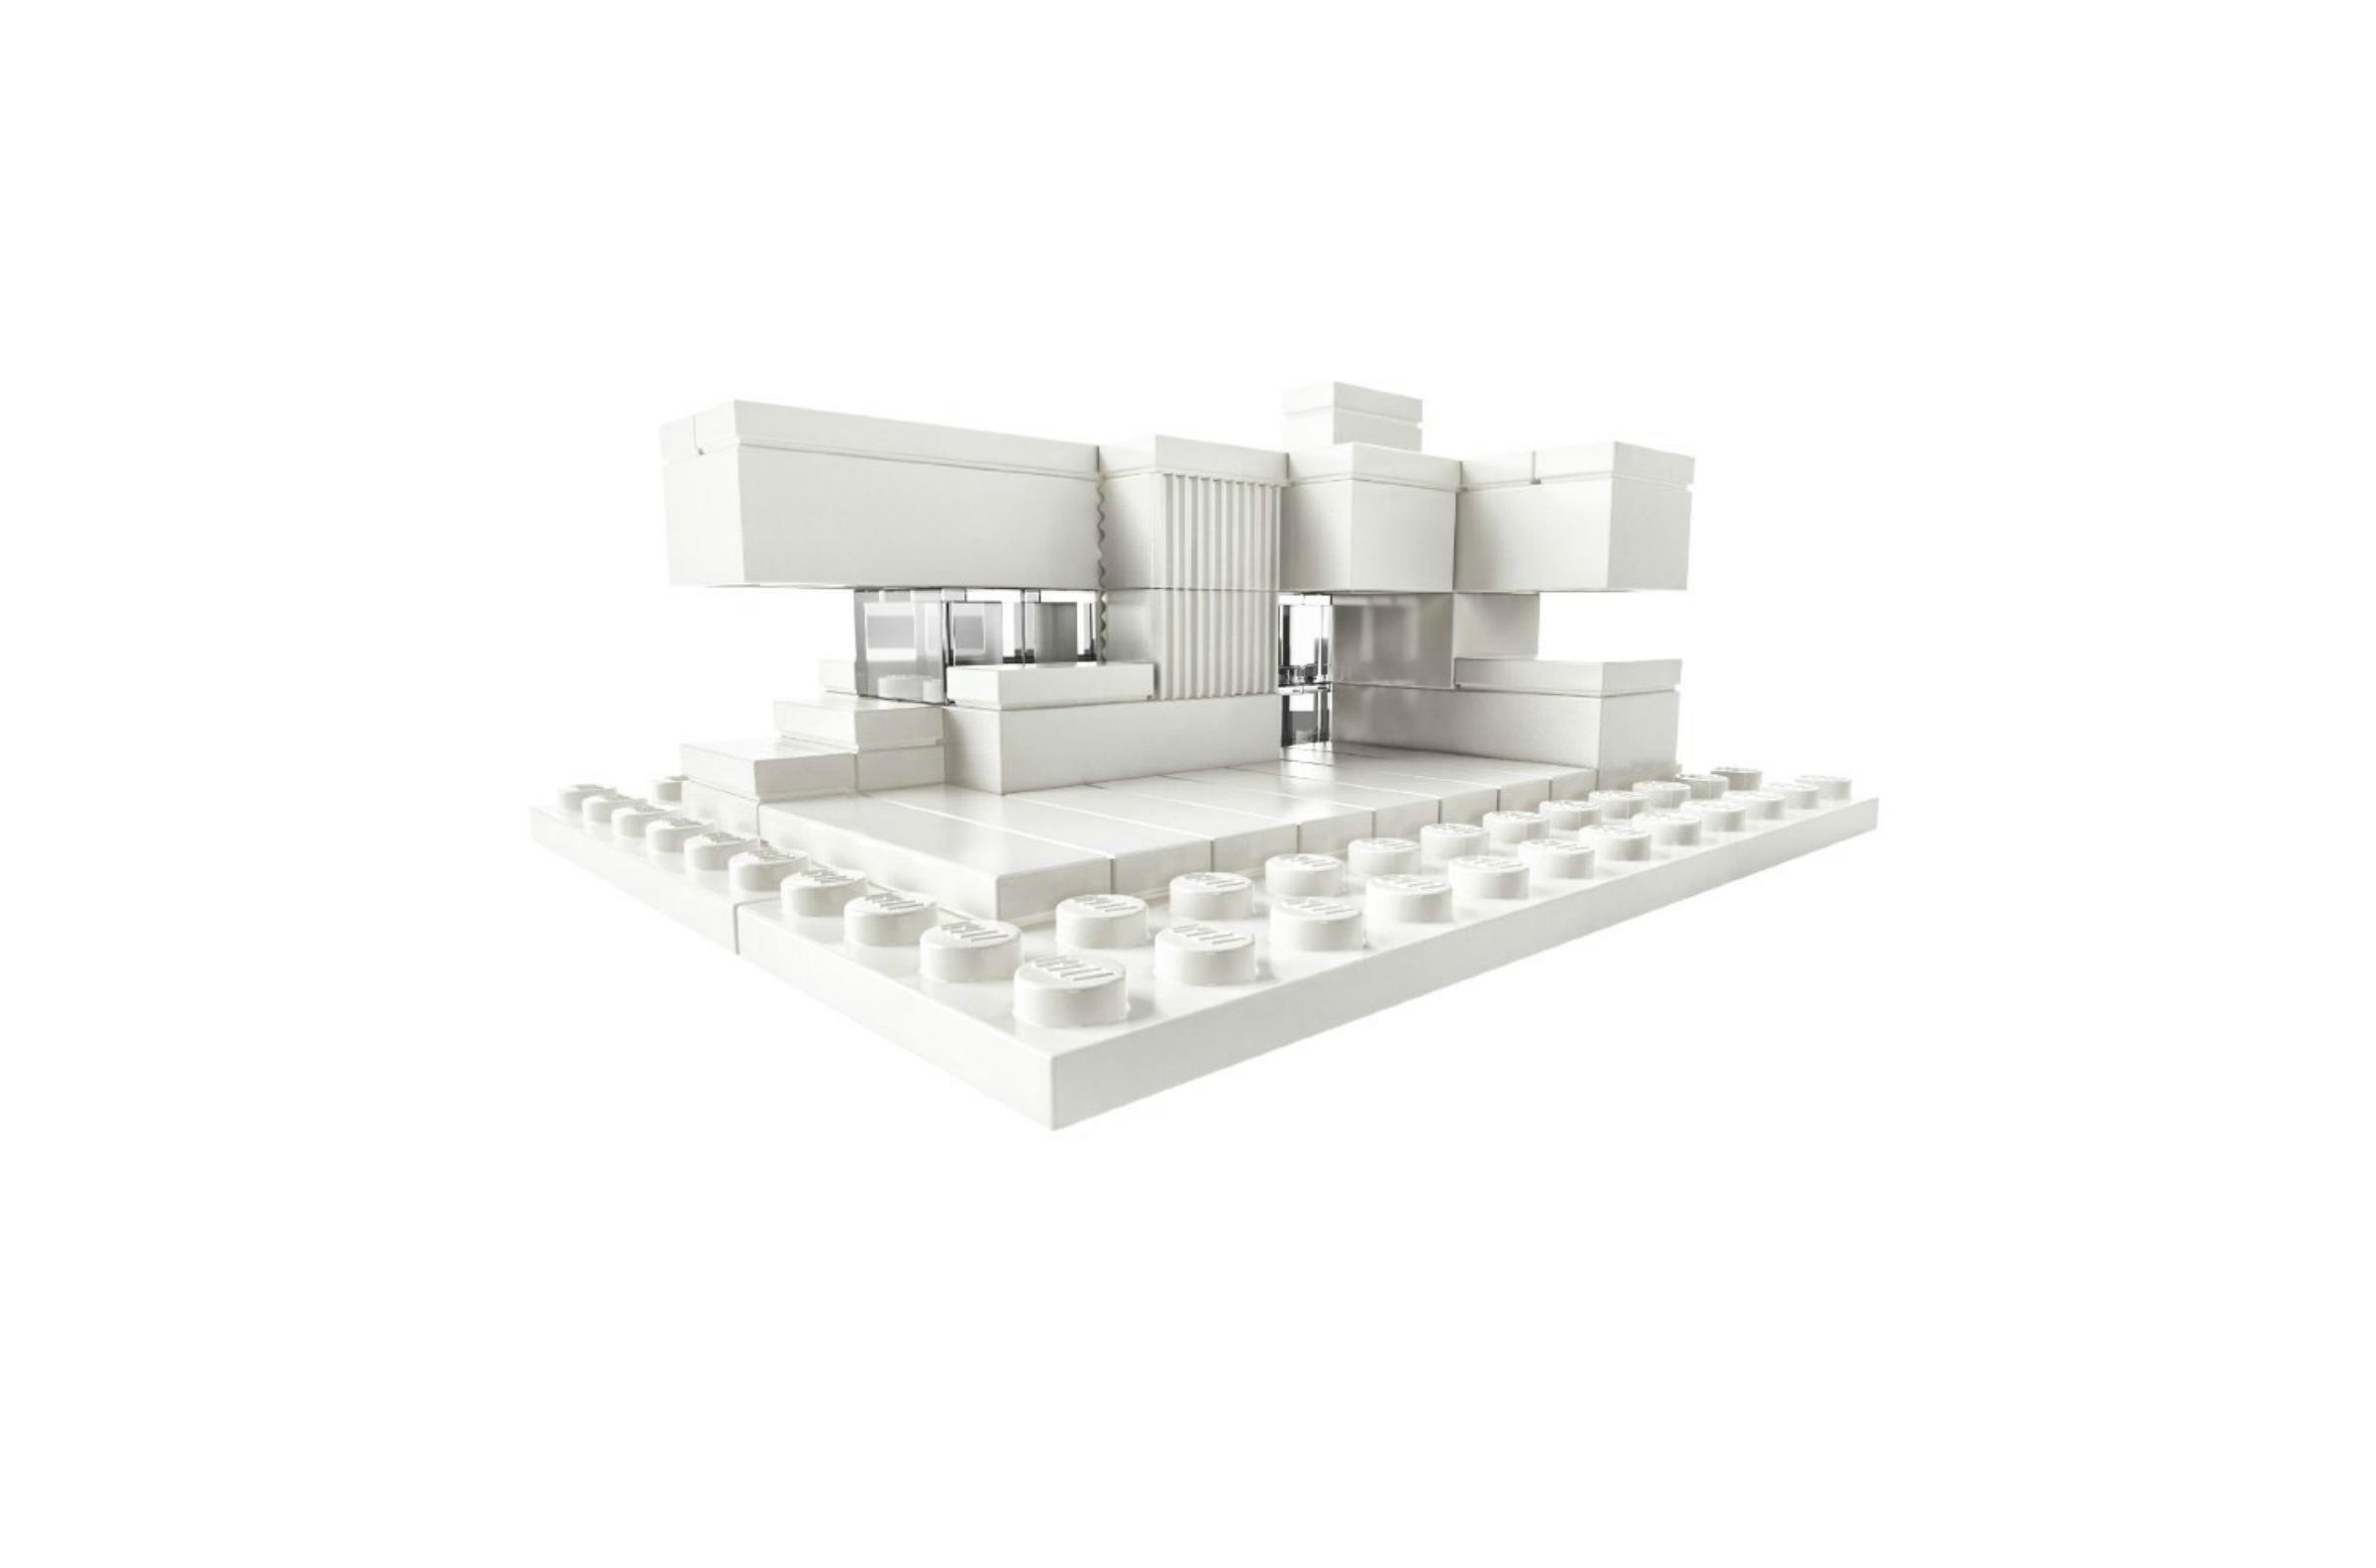 Designapplause Architecture Studio Lego